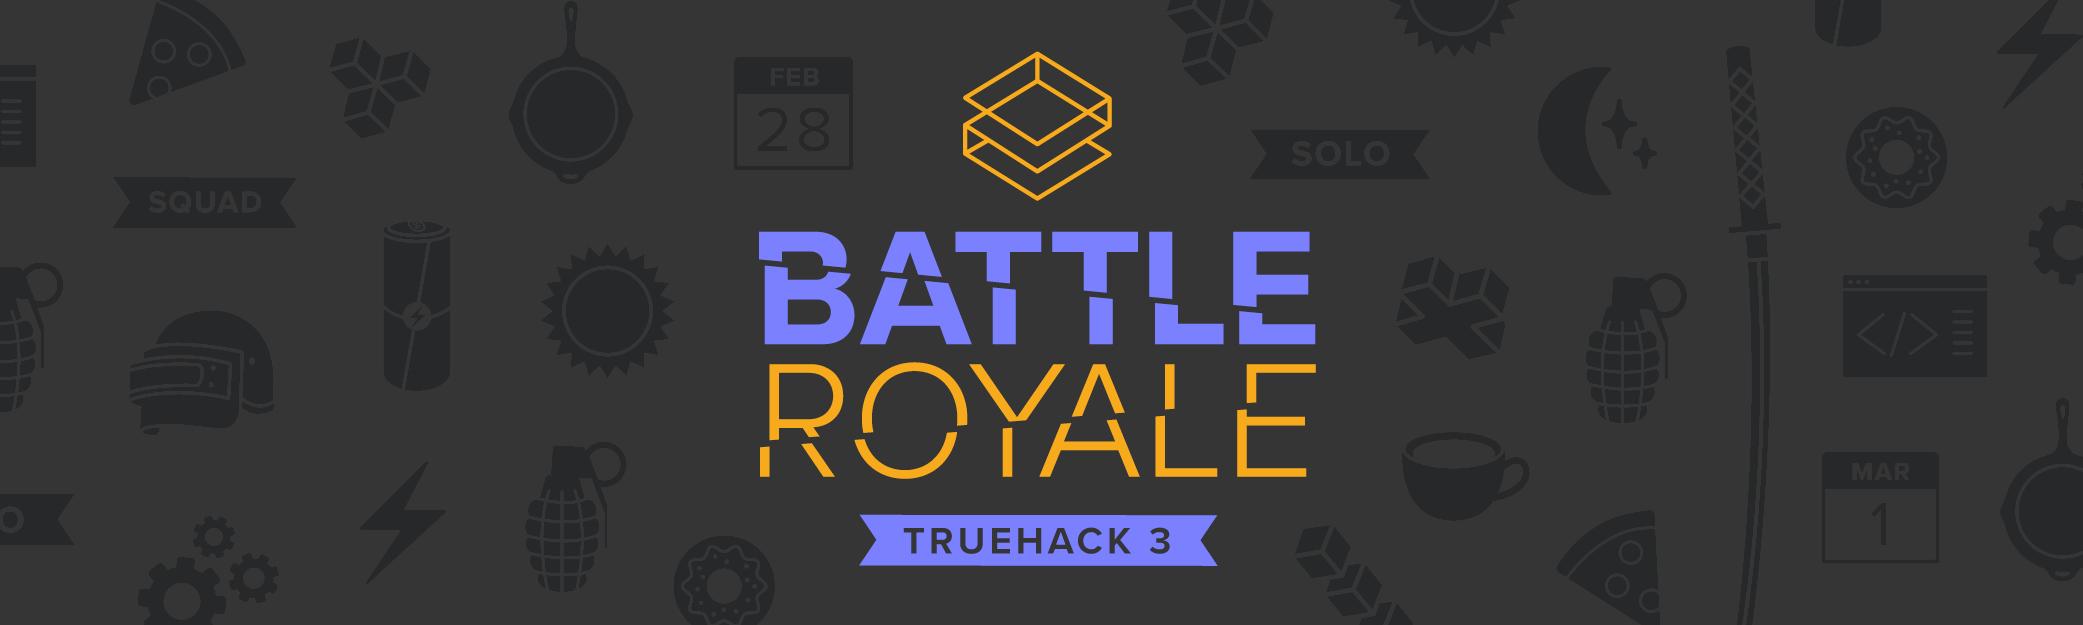 BattleRoyaleHeaderFinal.jpg